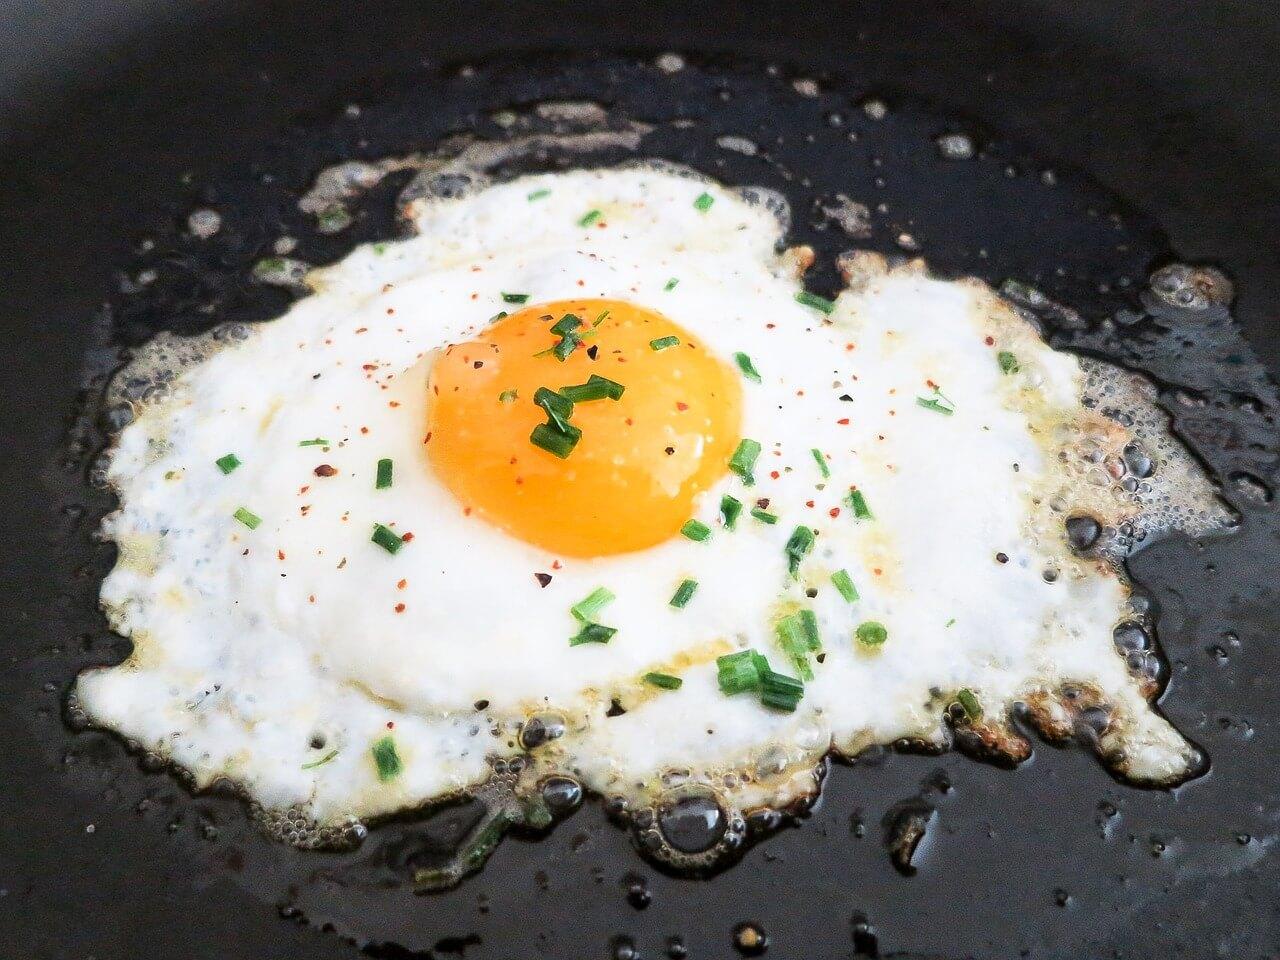 Eier enthalten viele Vitamine, Mineralien und Spurenelemente